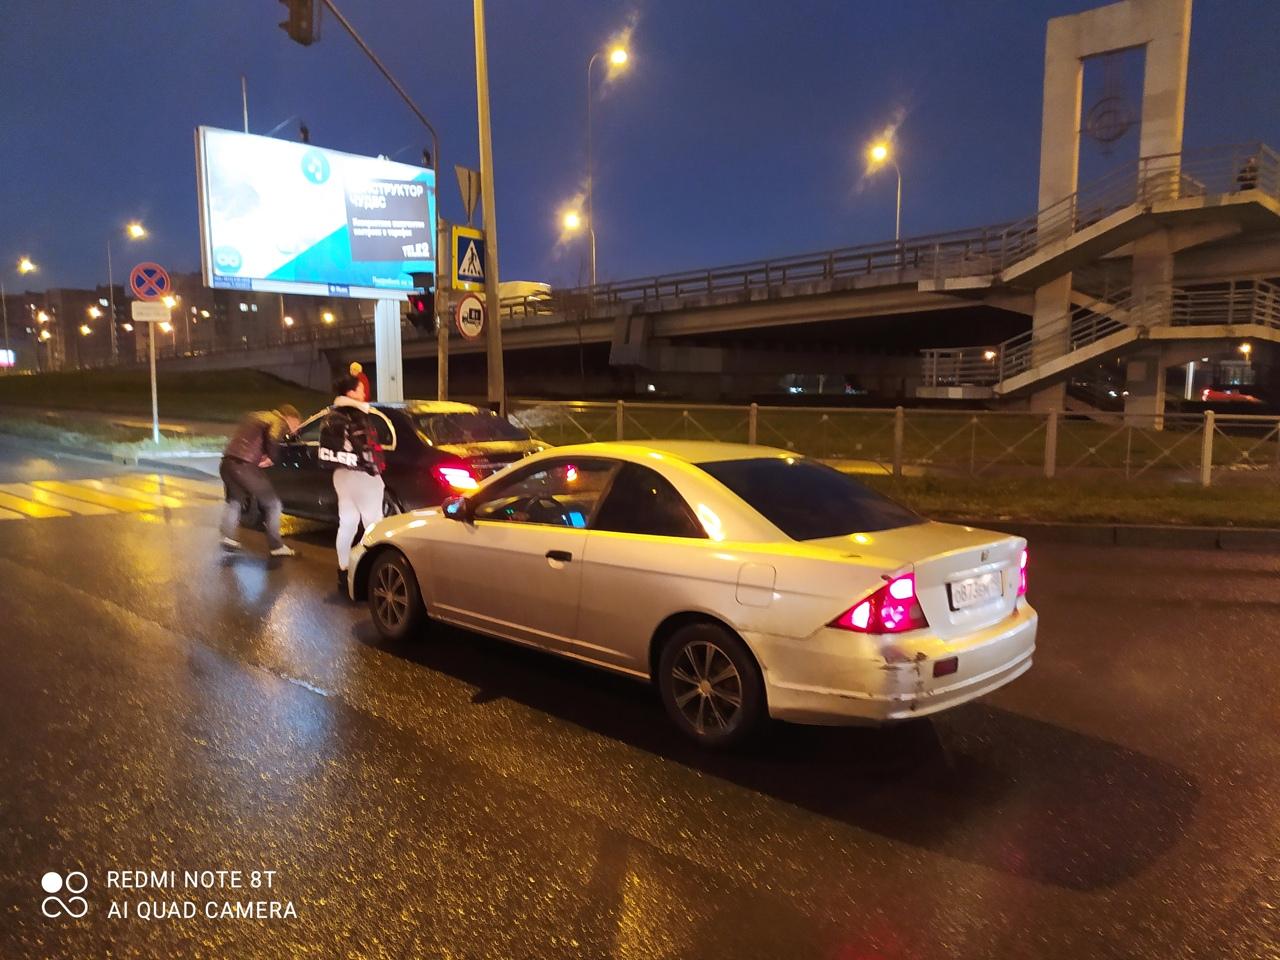 Ищу свидетелей ДТП произошедшего при повороте с Витебского на Дунайский (в сторону Купчинской)30.11 ...